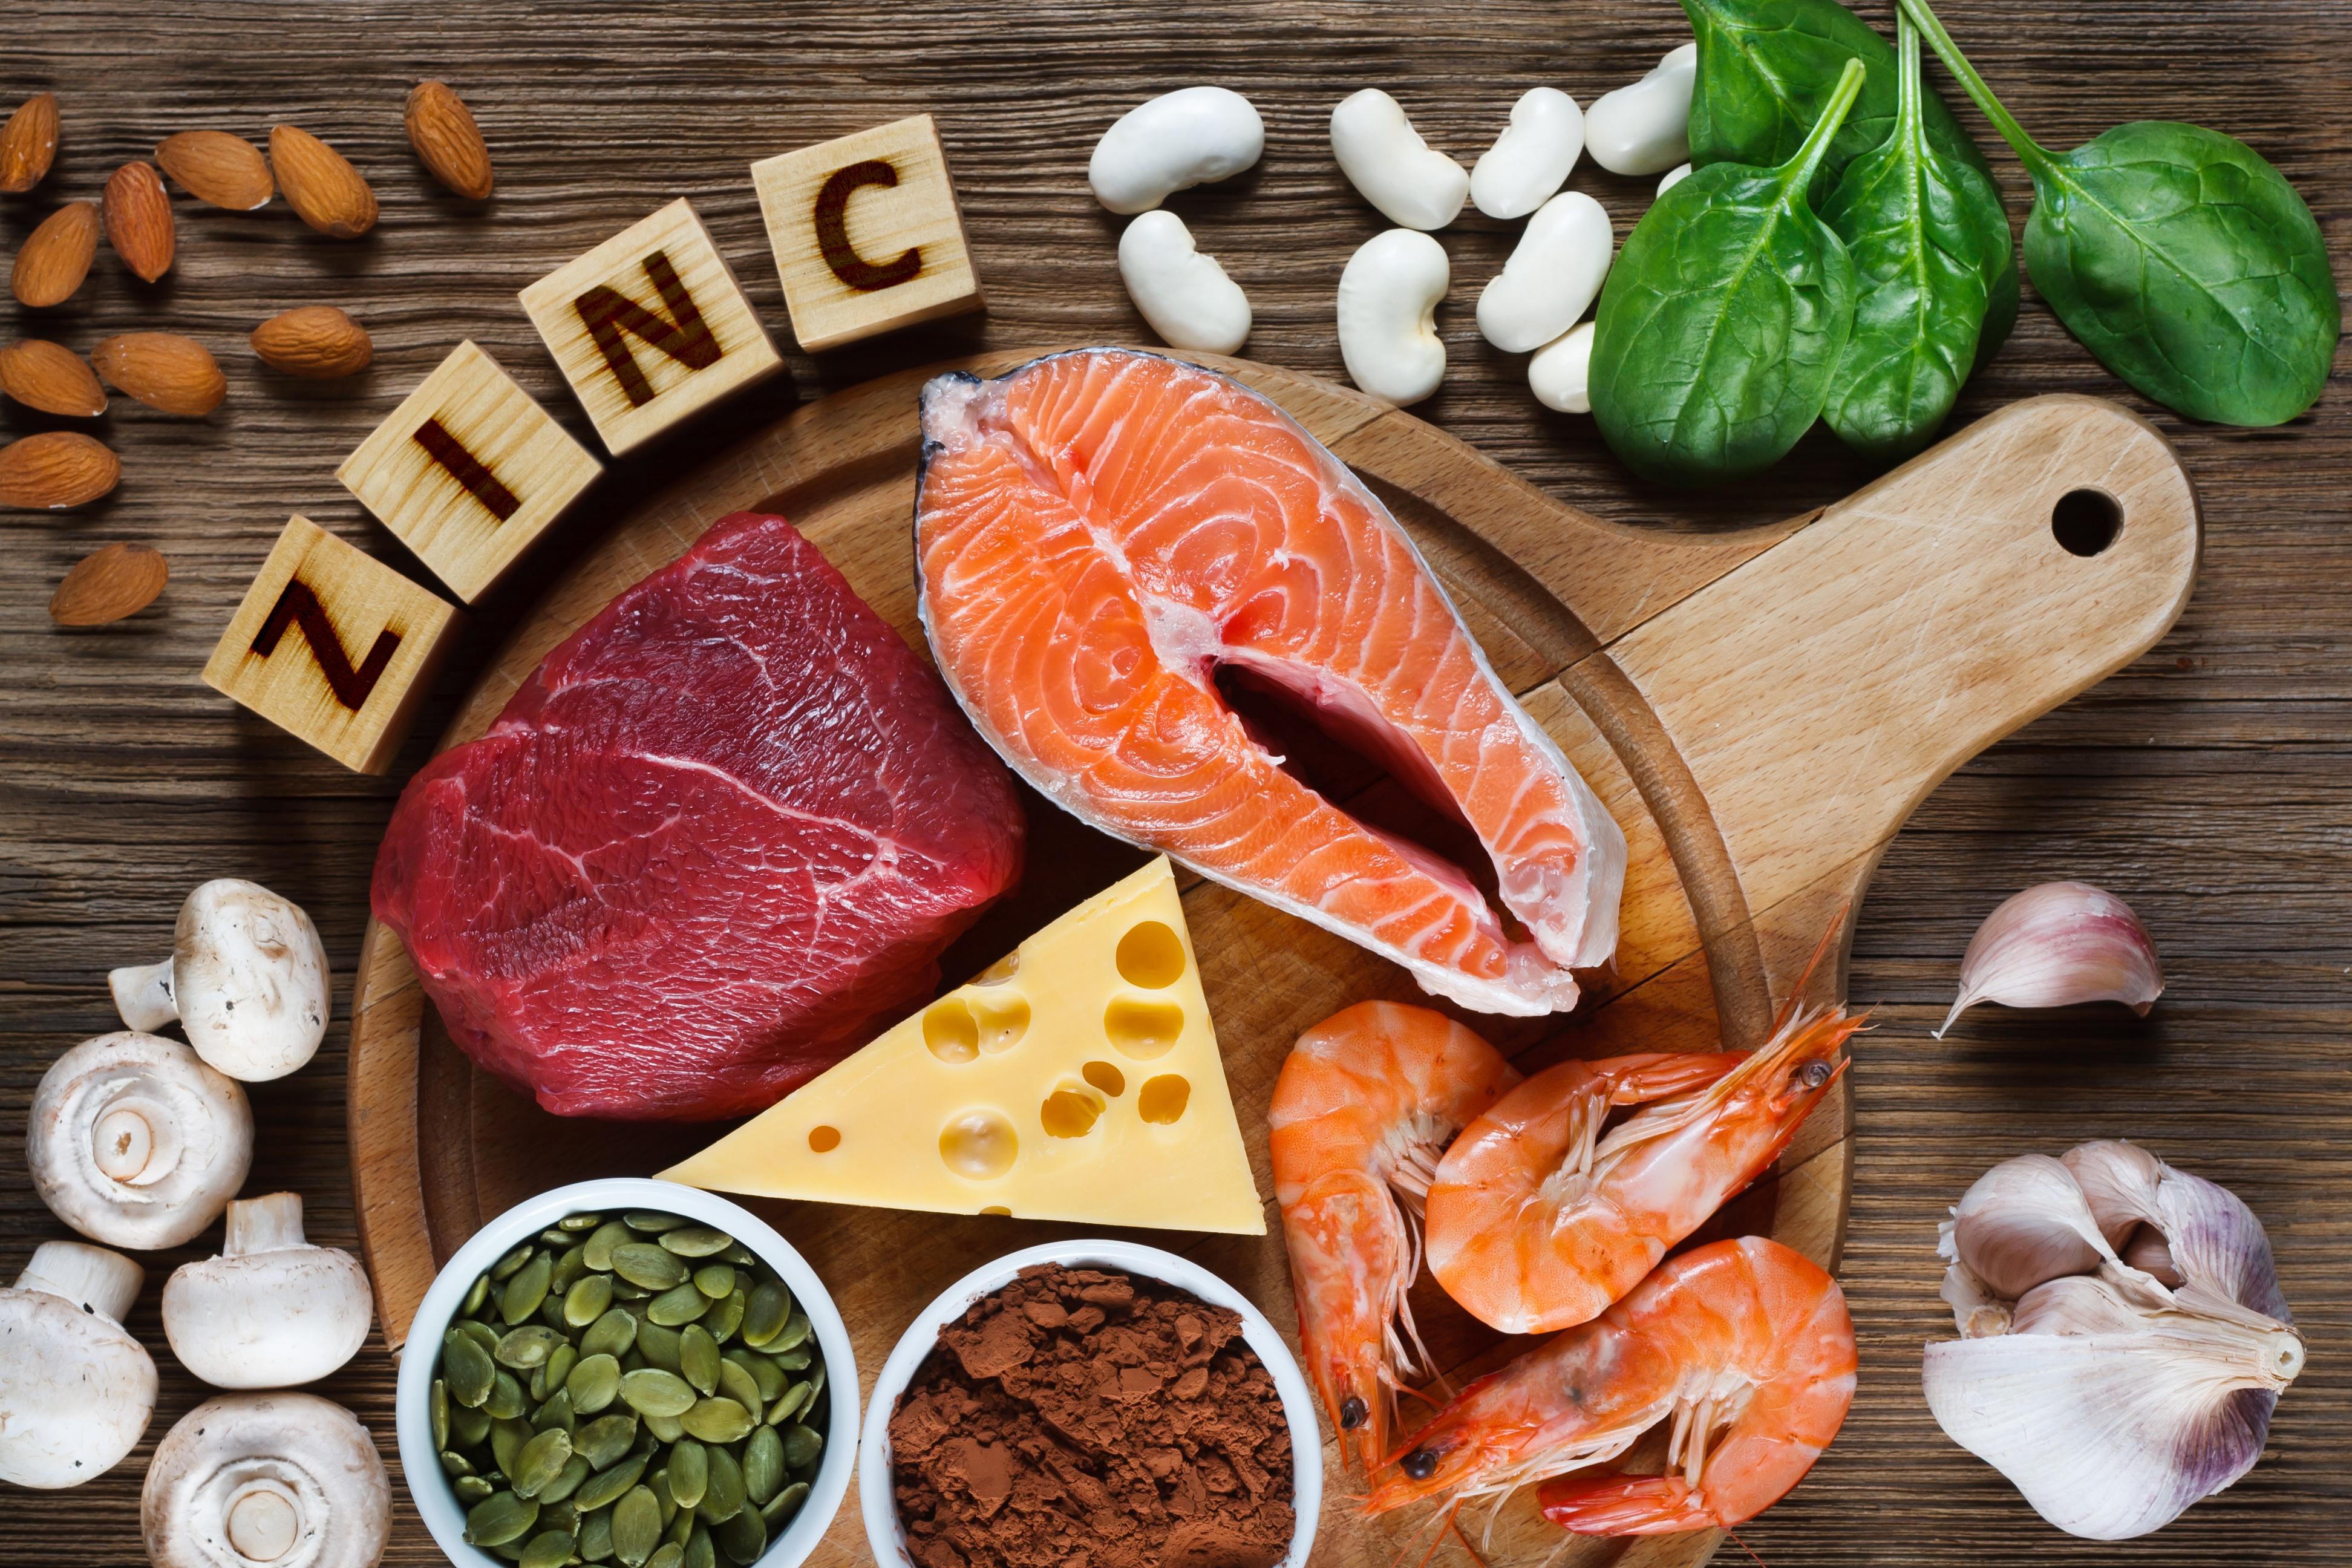 Le zinc : sources, bienfaits, rôle et aliments | Santé Magazine